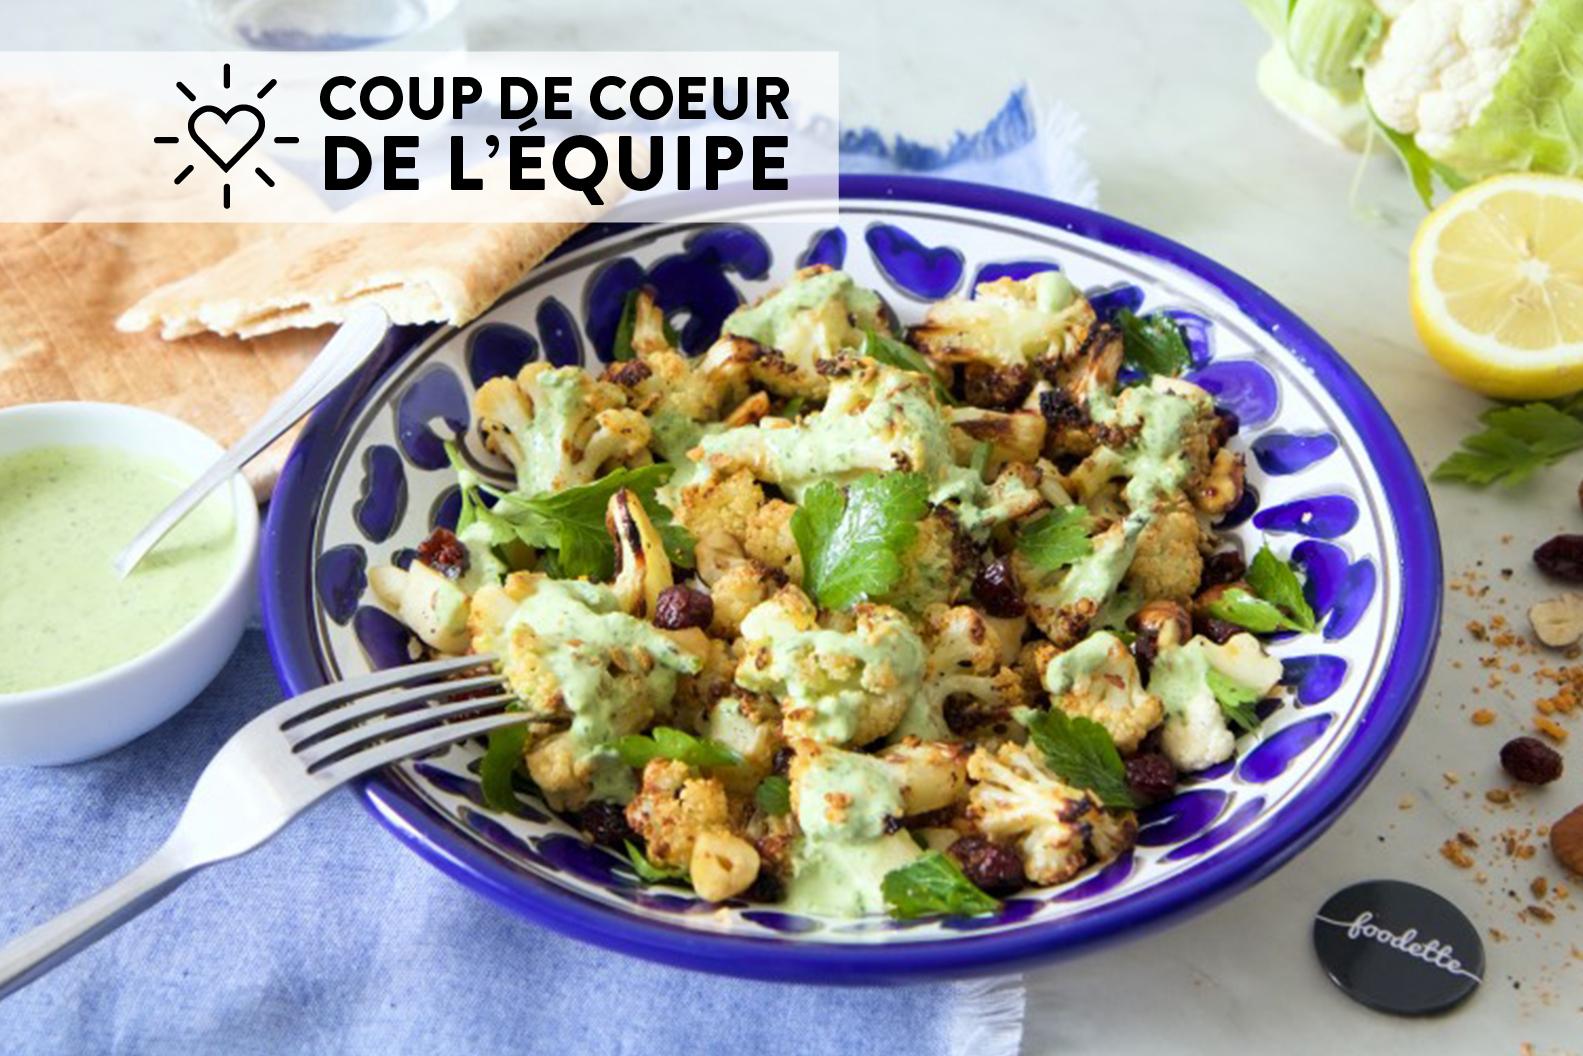 Chou-fleur rôti aux épices dukkah, sauce au persil et pains pitas